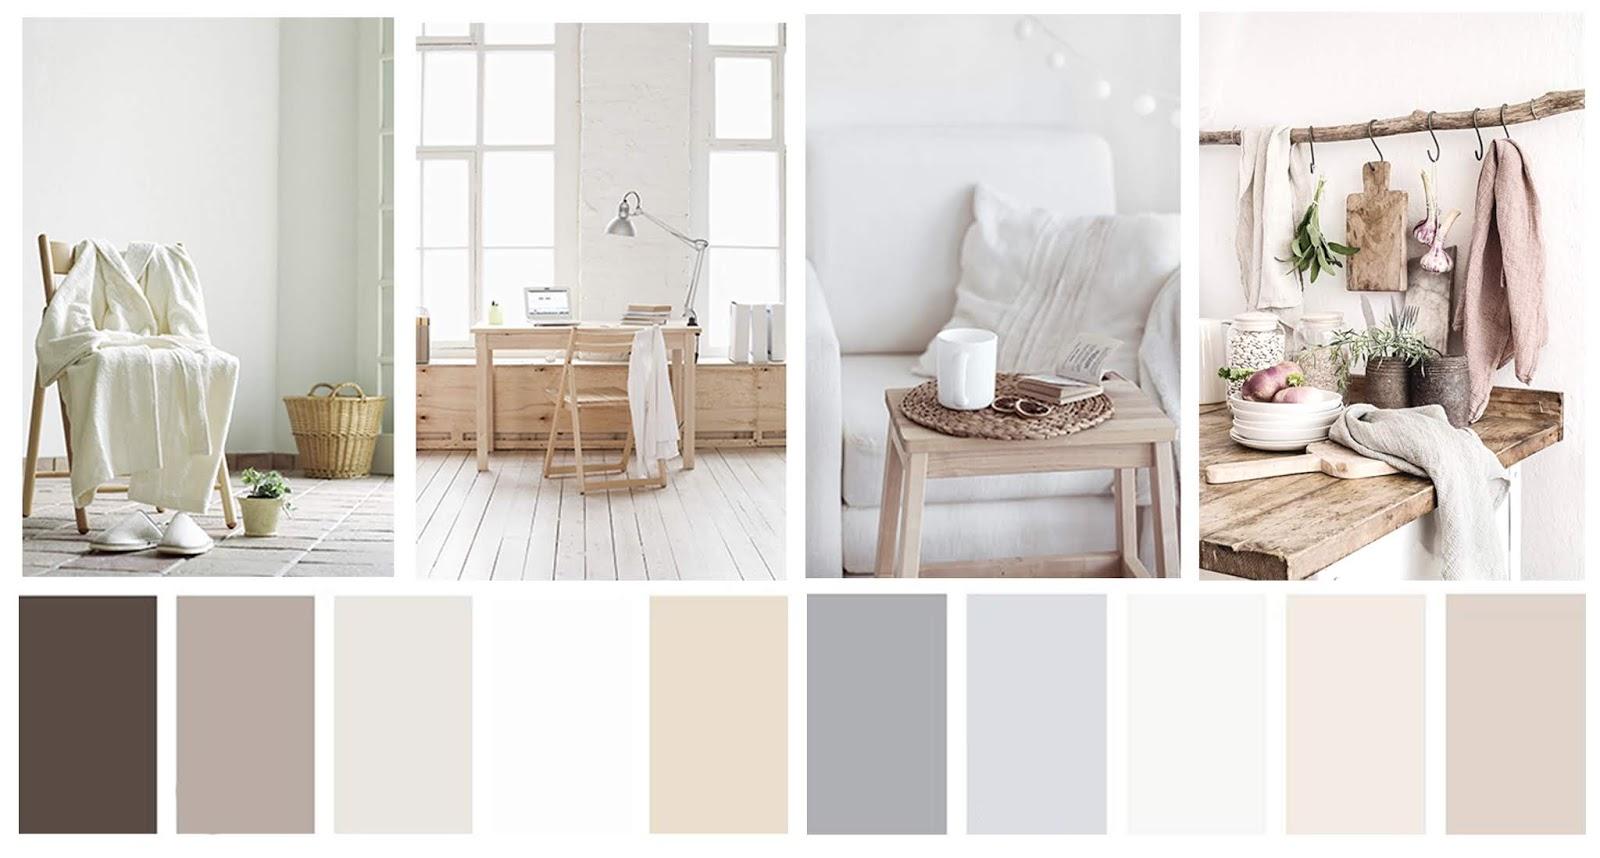 tonos neutros para decorar y amueblar tu piso de alquiler para alquilar fácil y rápido